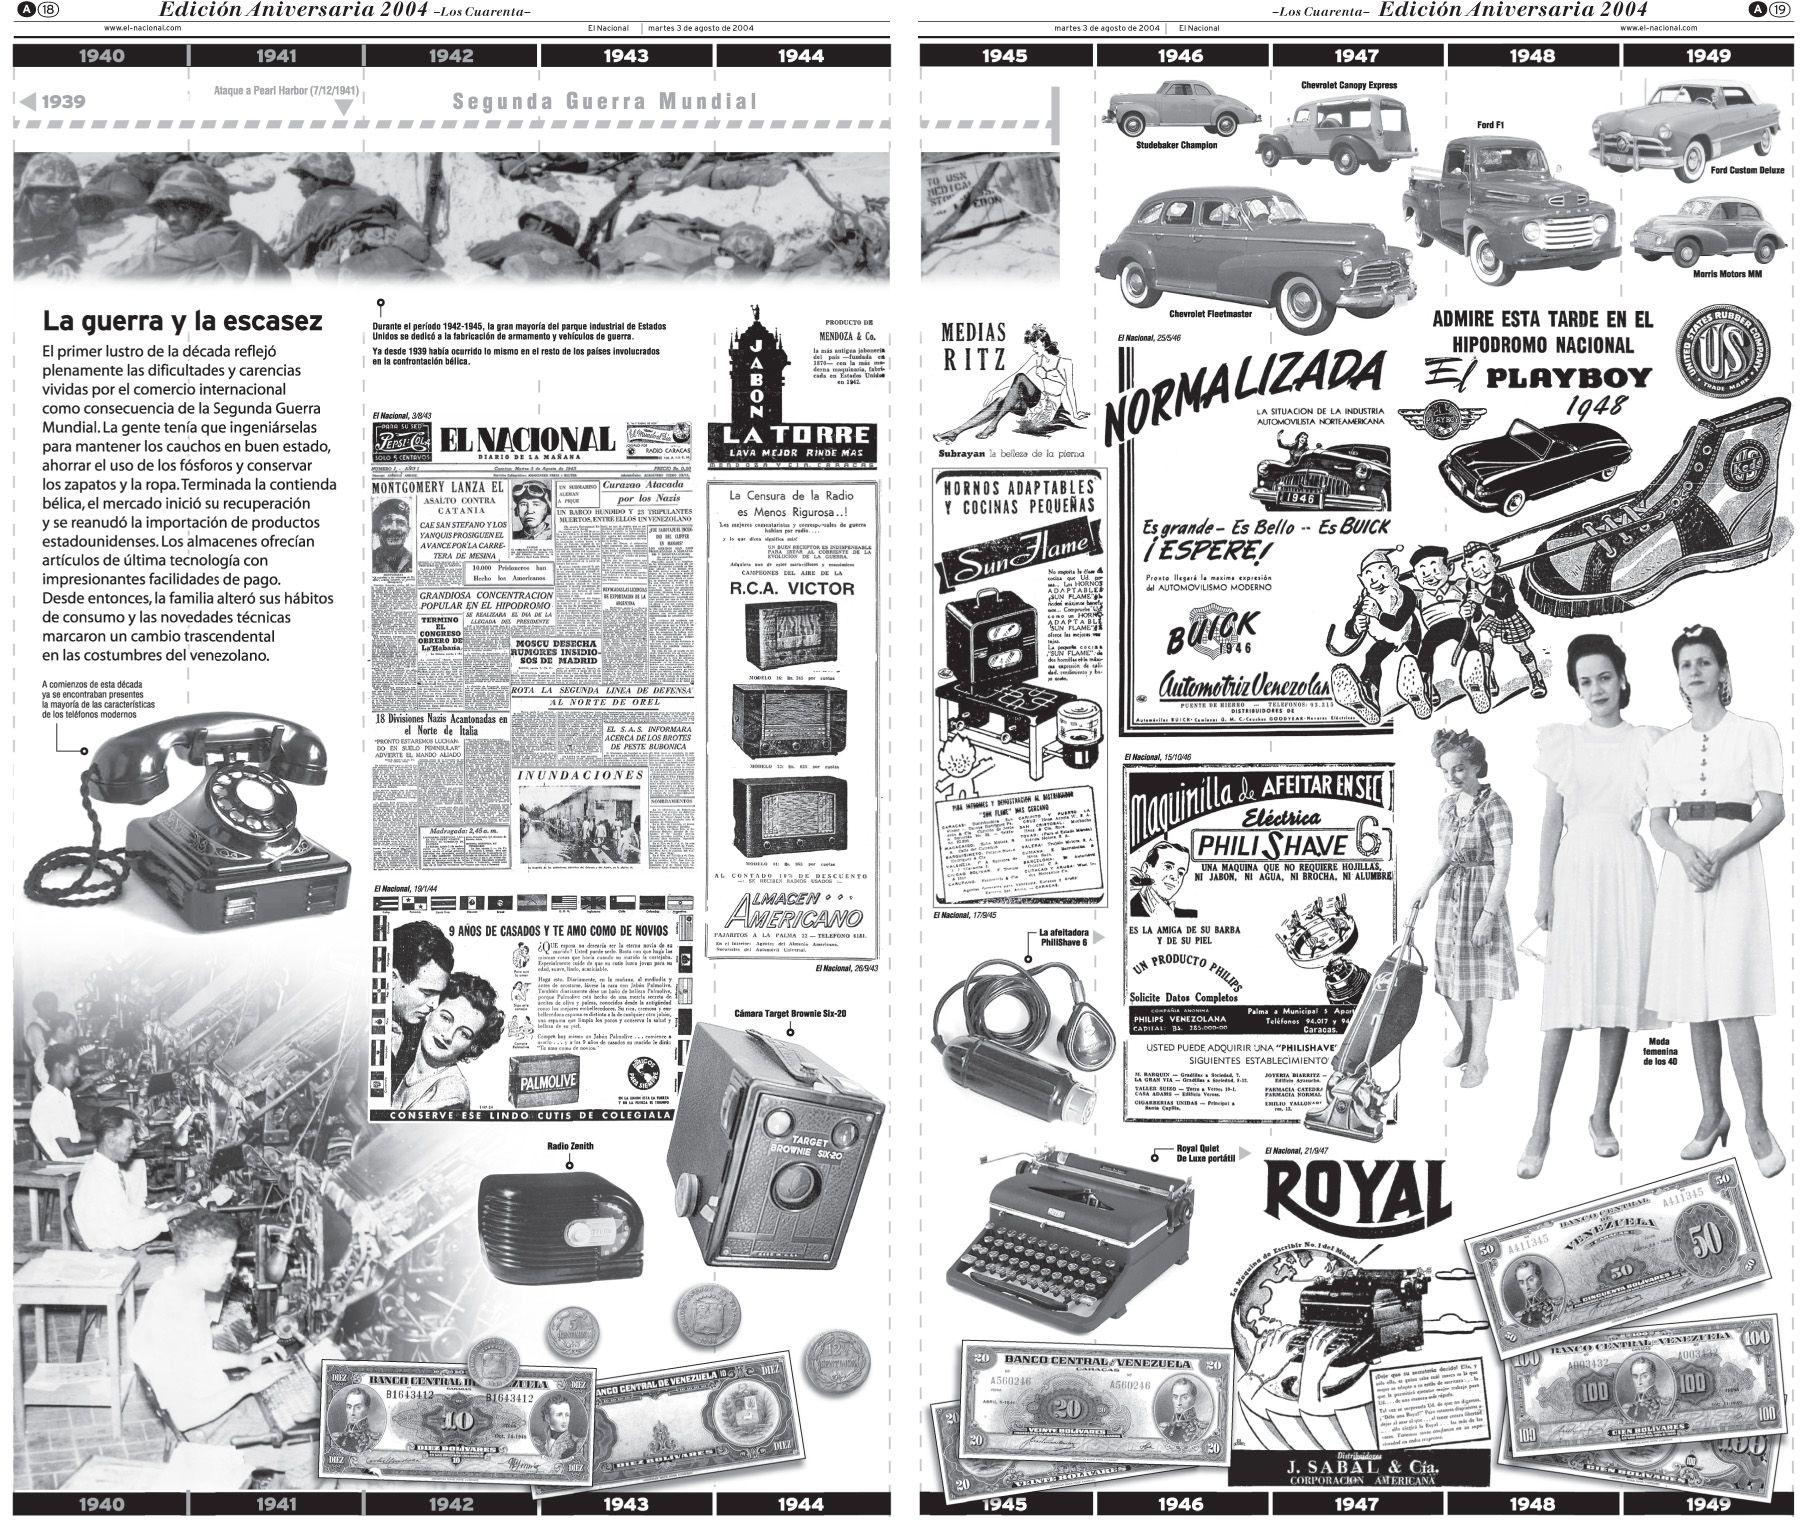 Década de los 40. Edición Aniversaria 2004.